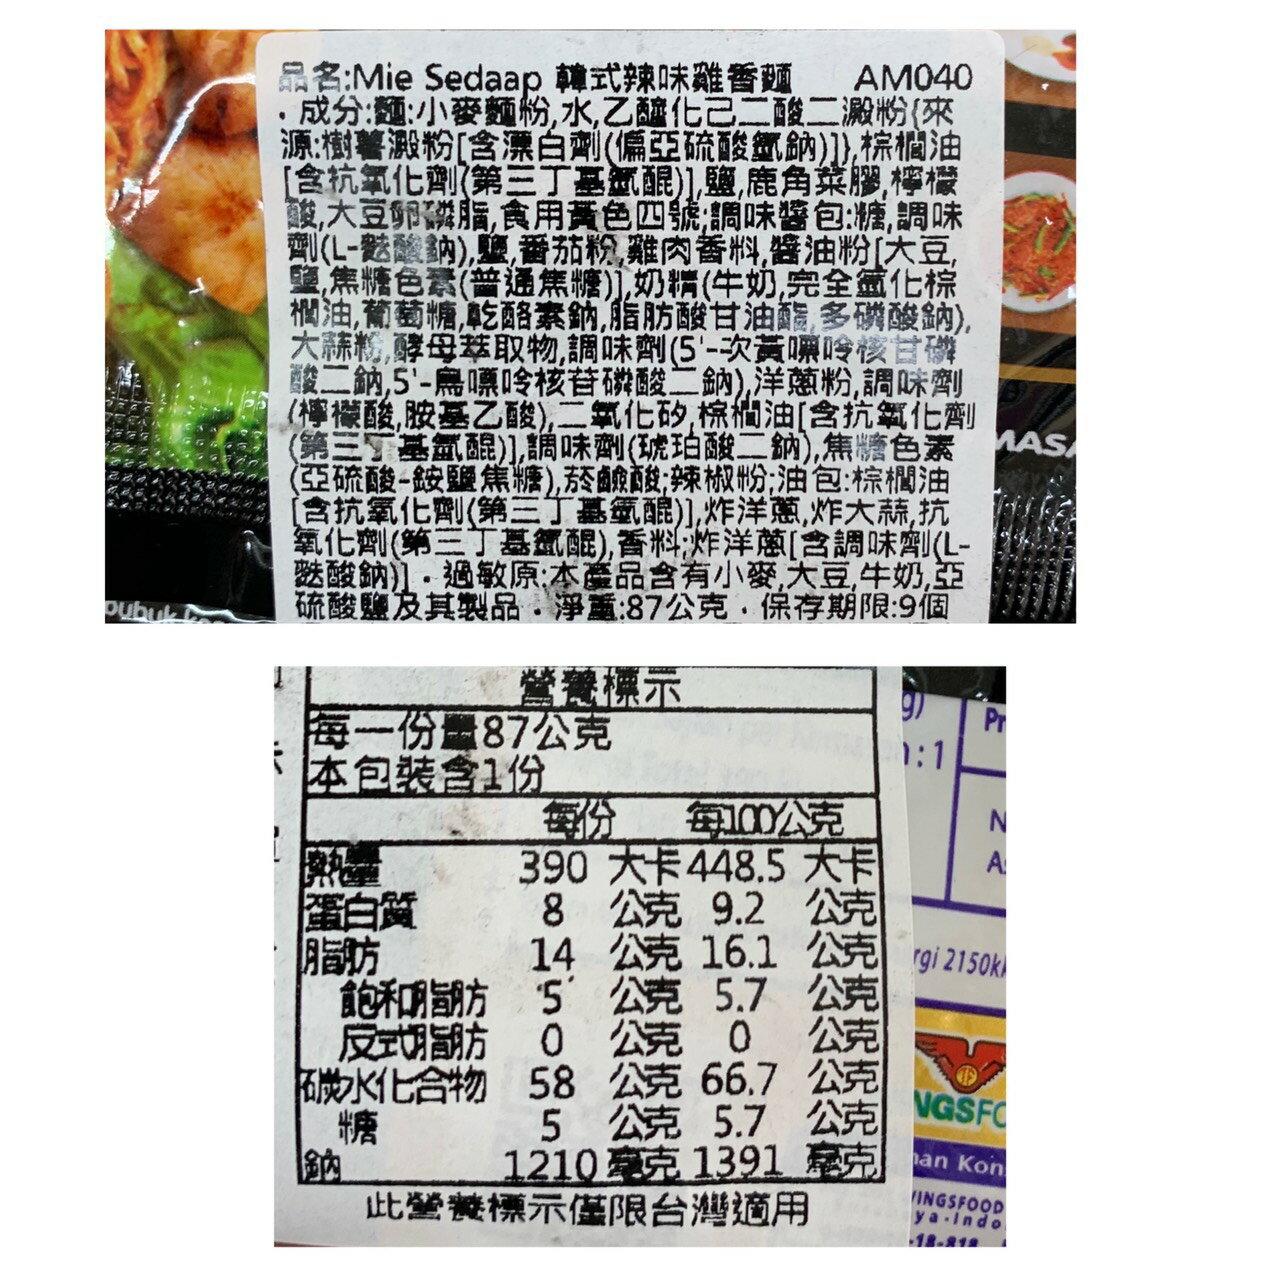 {泰菲印越} 印尼 Mie Sedaap 喜達麵 韓式辣味風味 印尼乾麵 印尼炒麵  87克 Koran spicy chicken